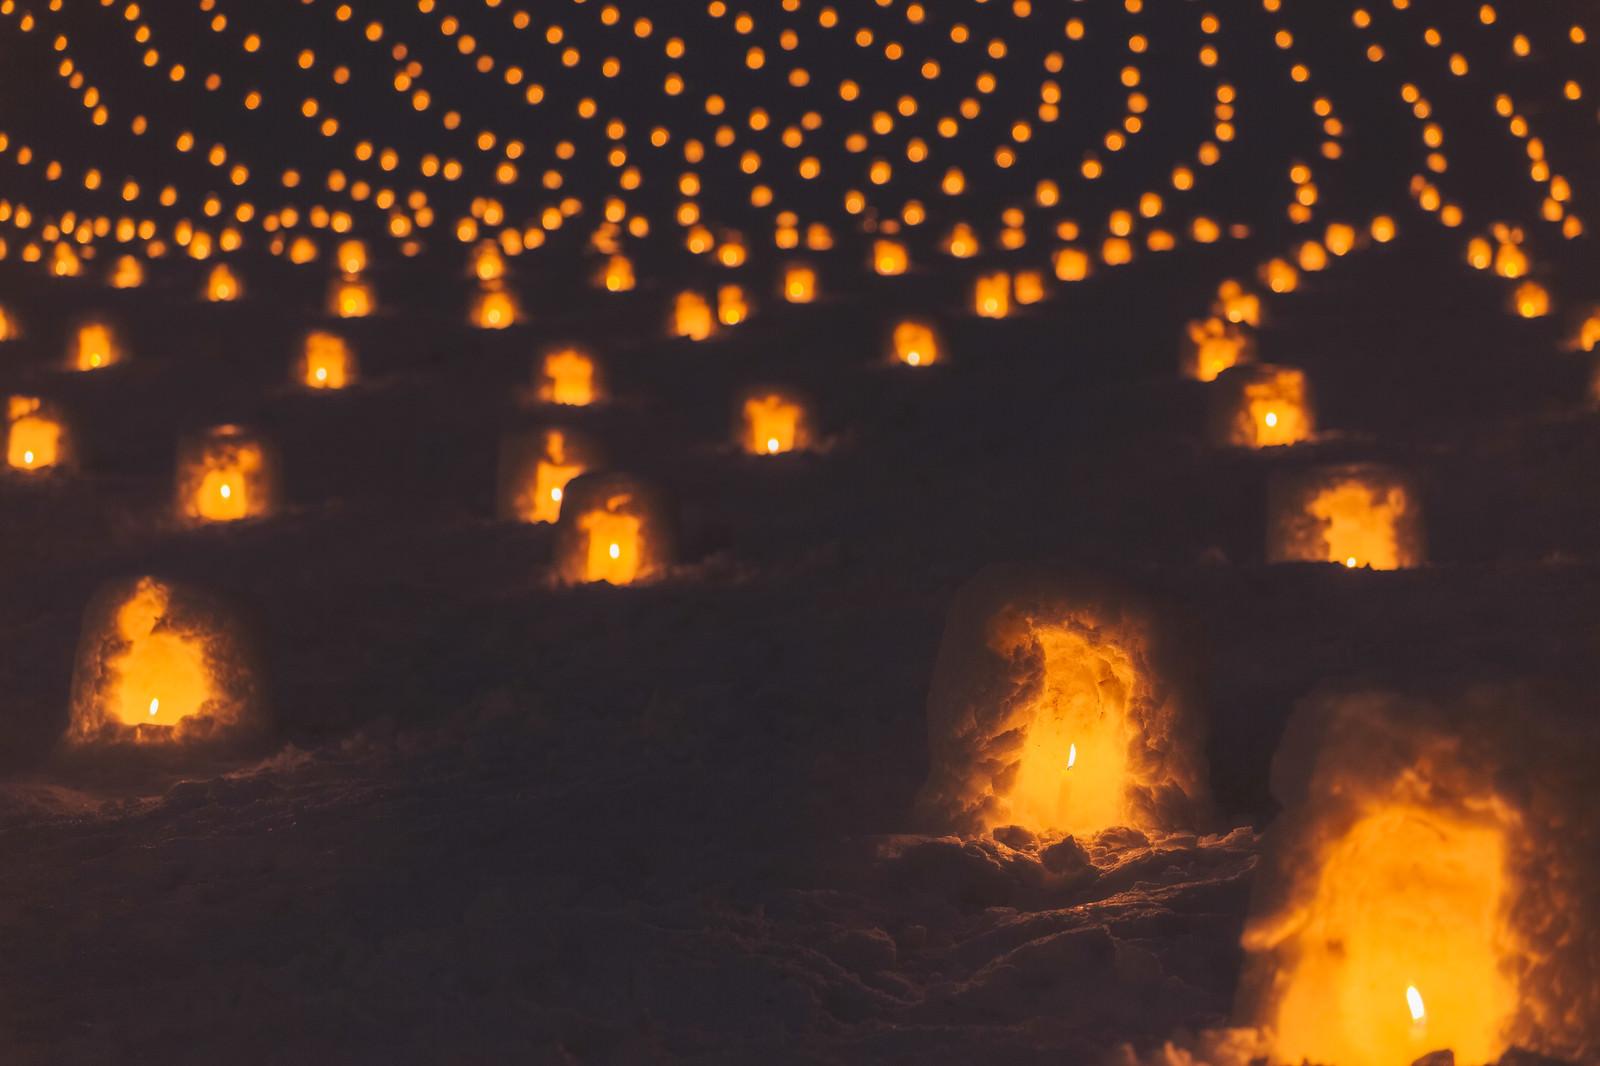 「一面に広がる灯りのついたミニかまくら」の写真